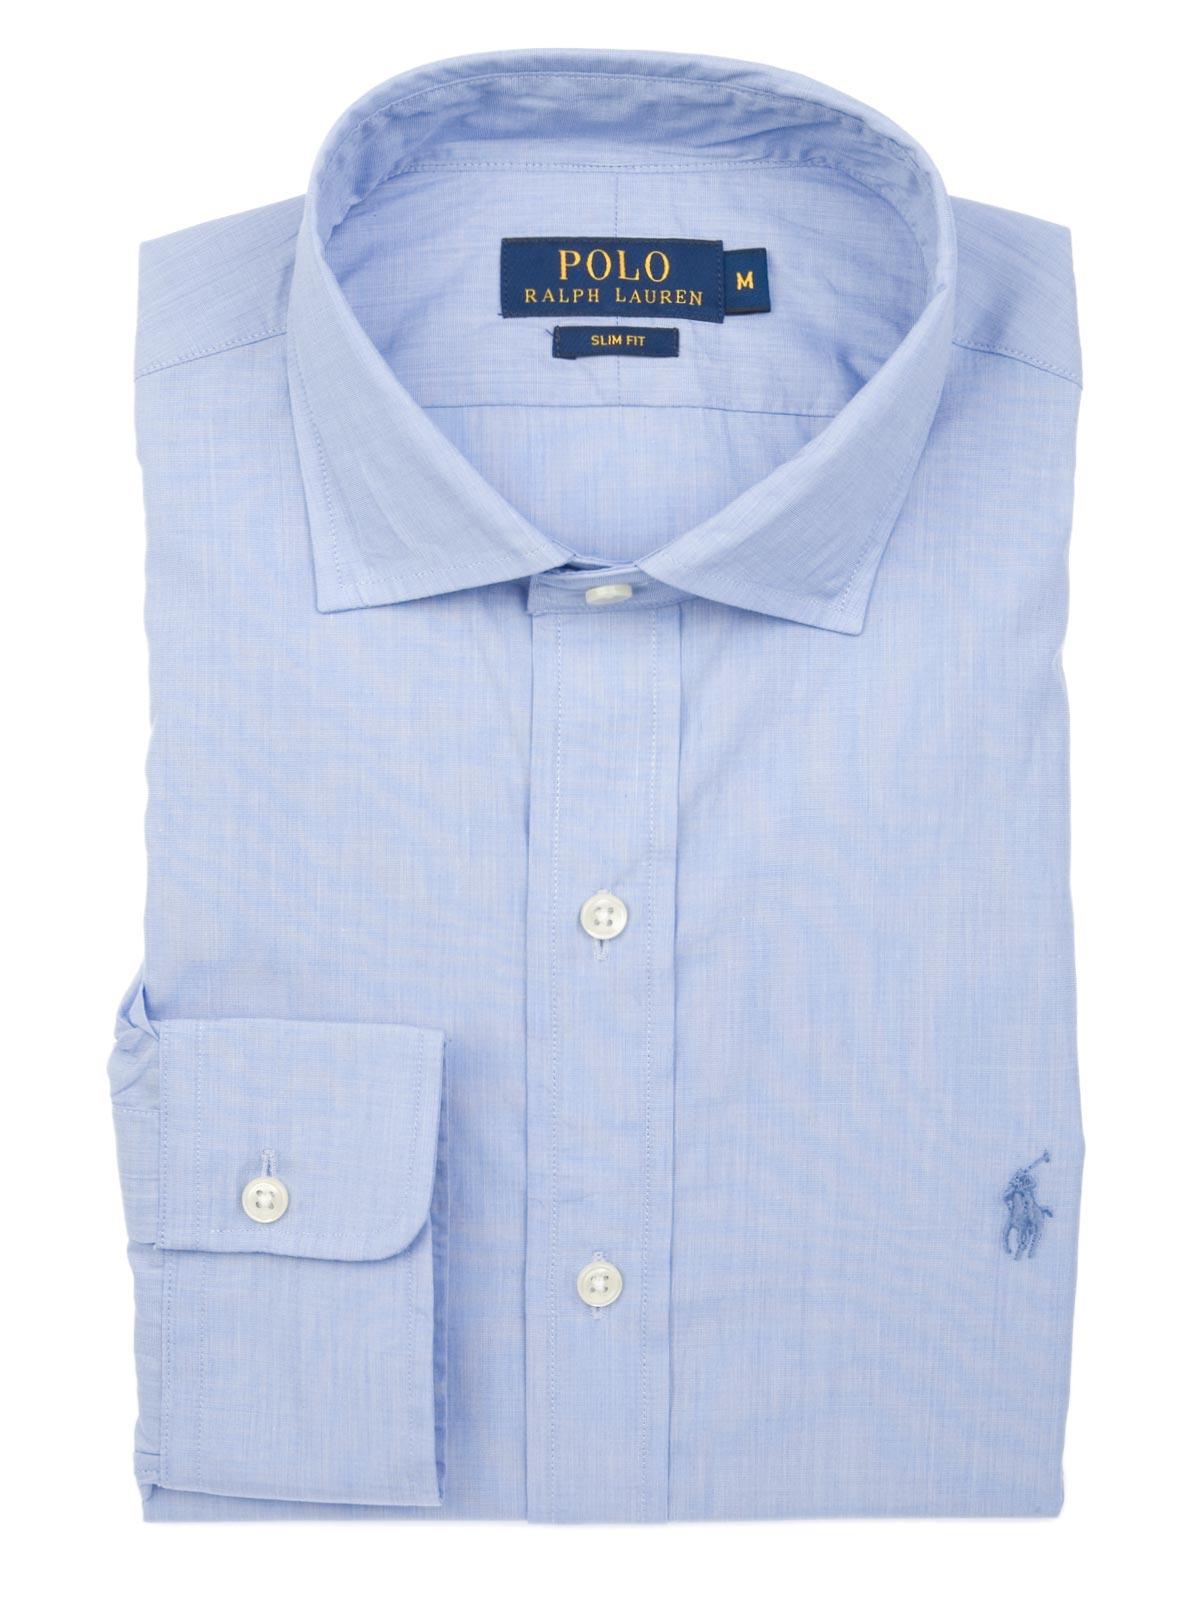 044b98f7 POLO RALPH LAUREN Poplin Slim Fit Dress Shirt